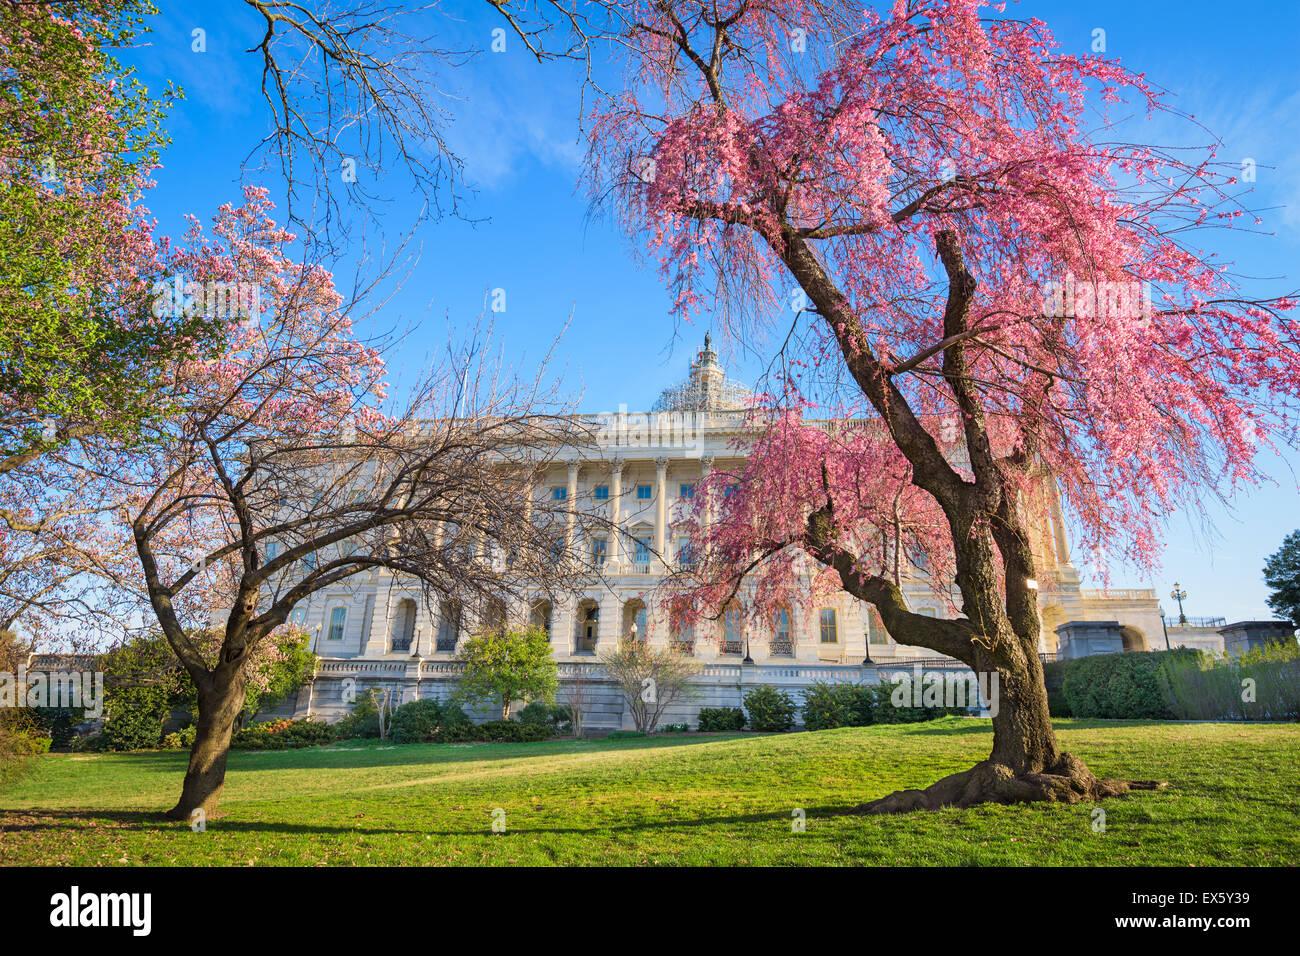 Washington DC en el Edificio del Capitolio durante la temporada de primavera. Foto de stock